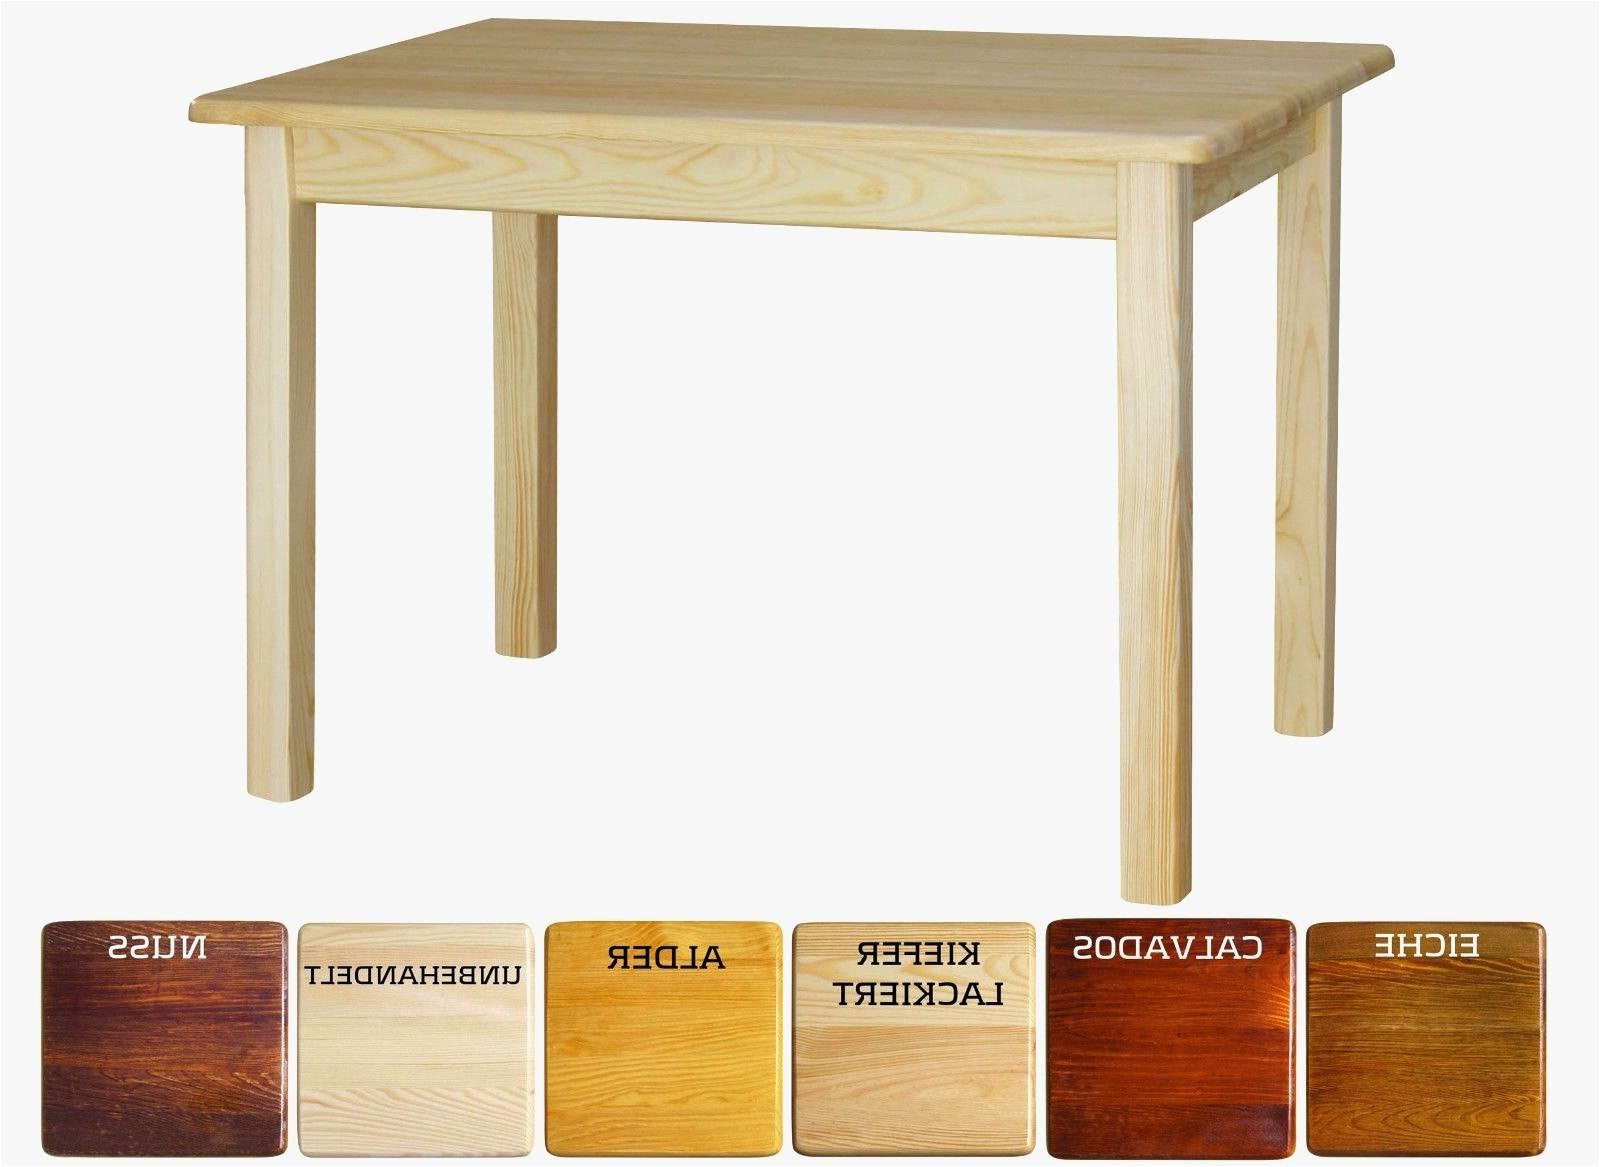 Küchentisch Ideen Anleitung Ikea Esstisch Ausziehbar Weiß